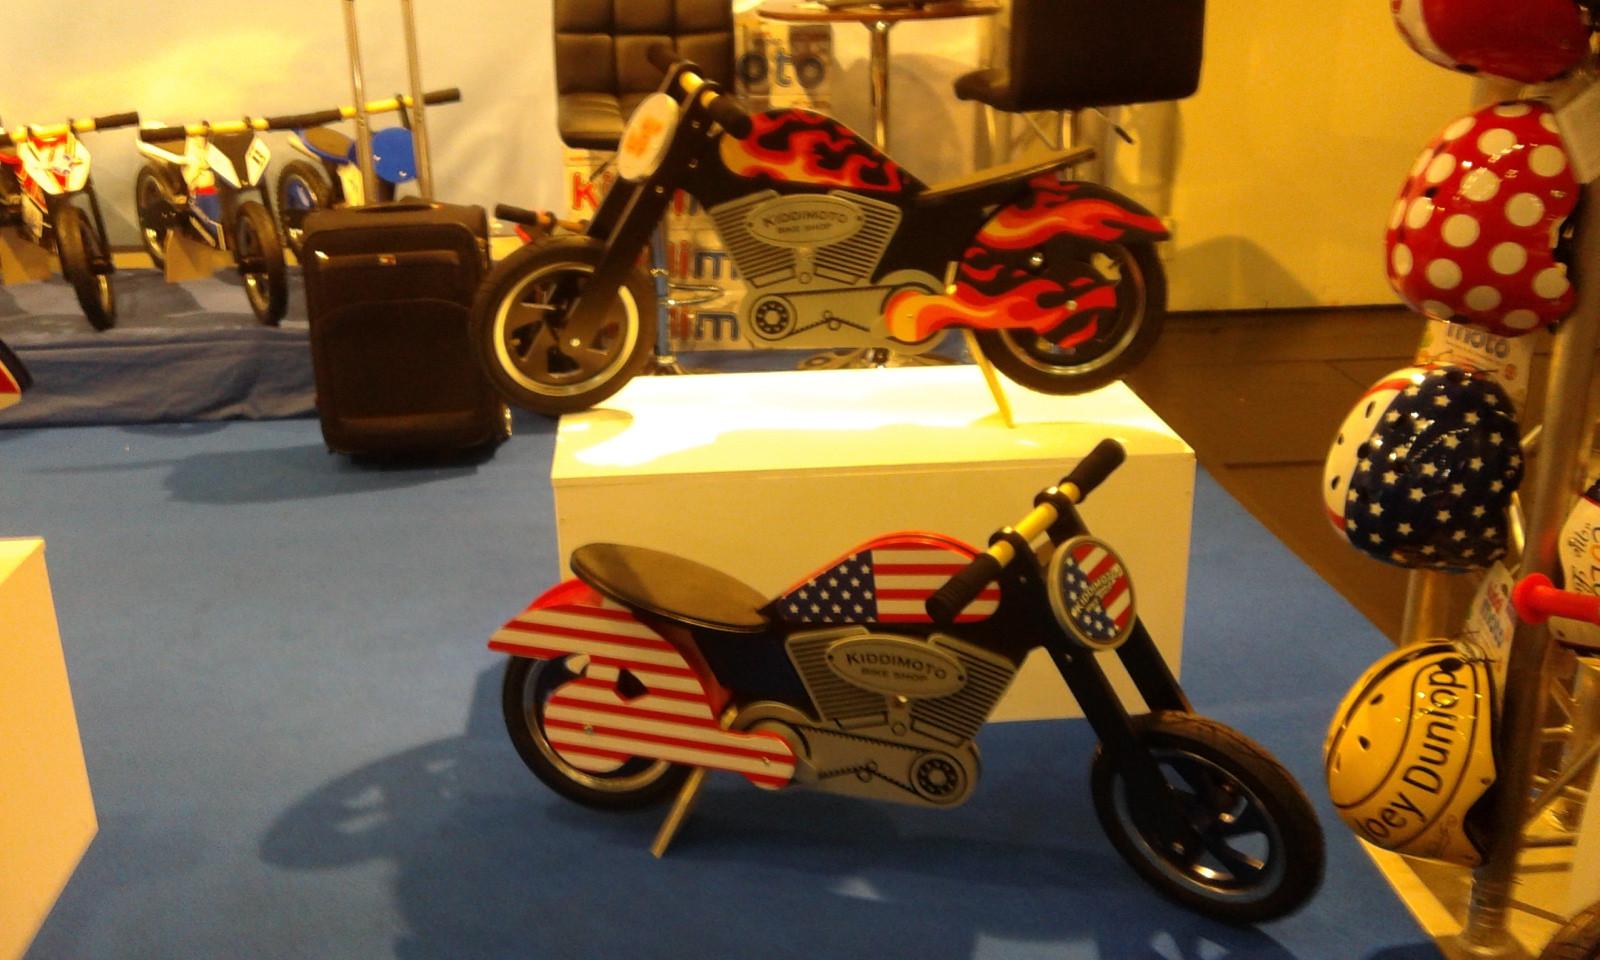 Biker Geschenke  Biker Geschenke Kinderkram MOTORRADO